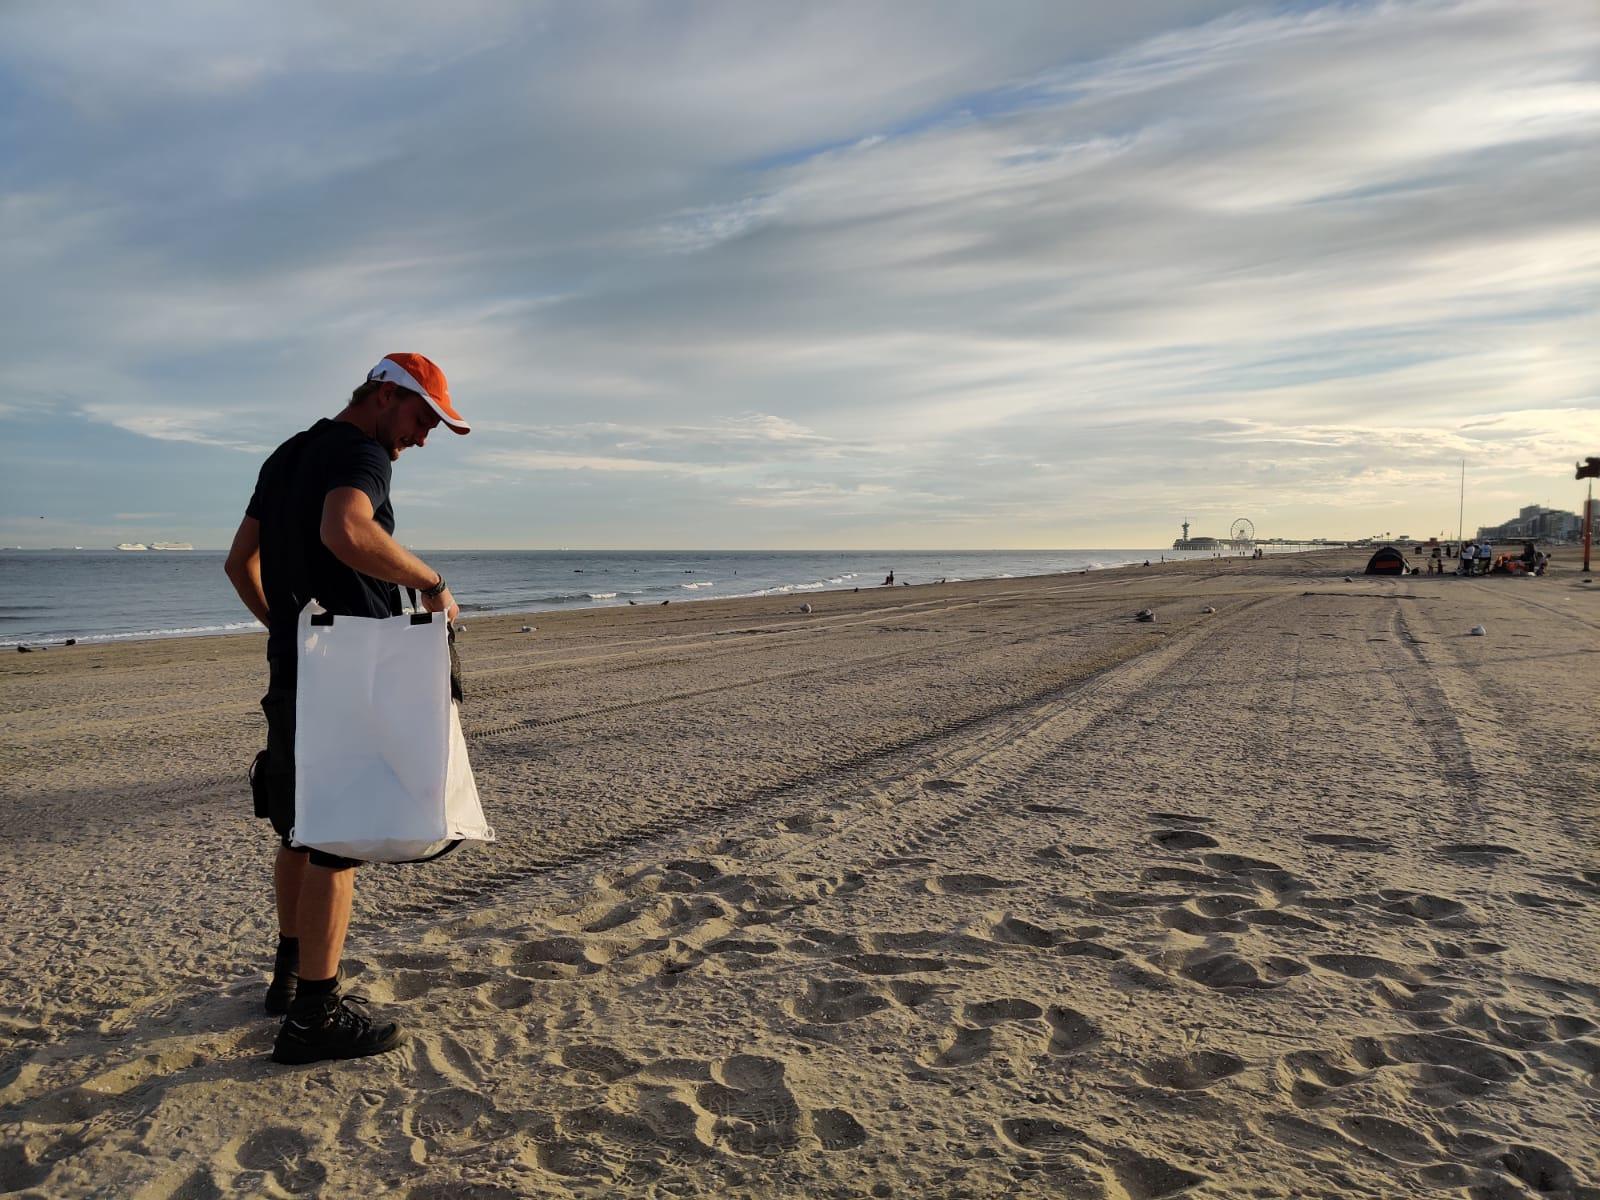 beach-clean-up-bag.jpg